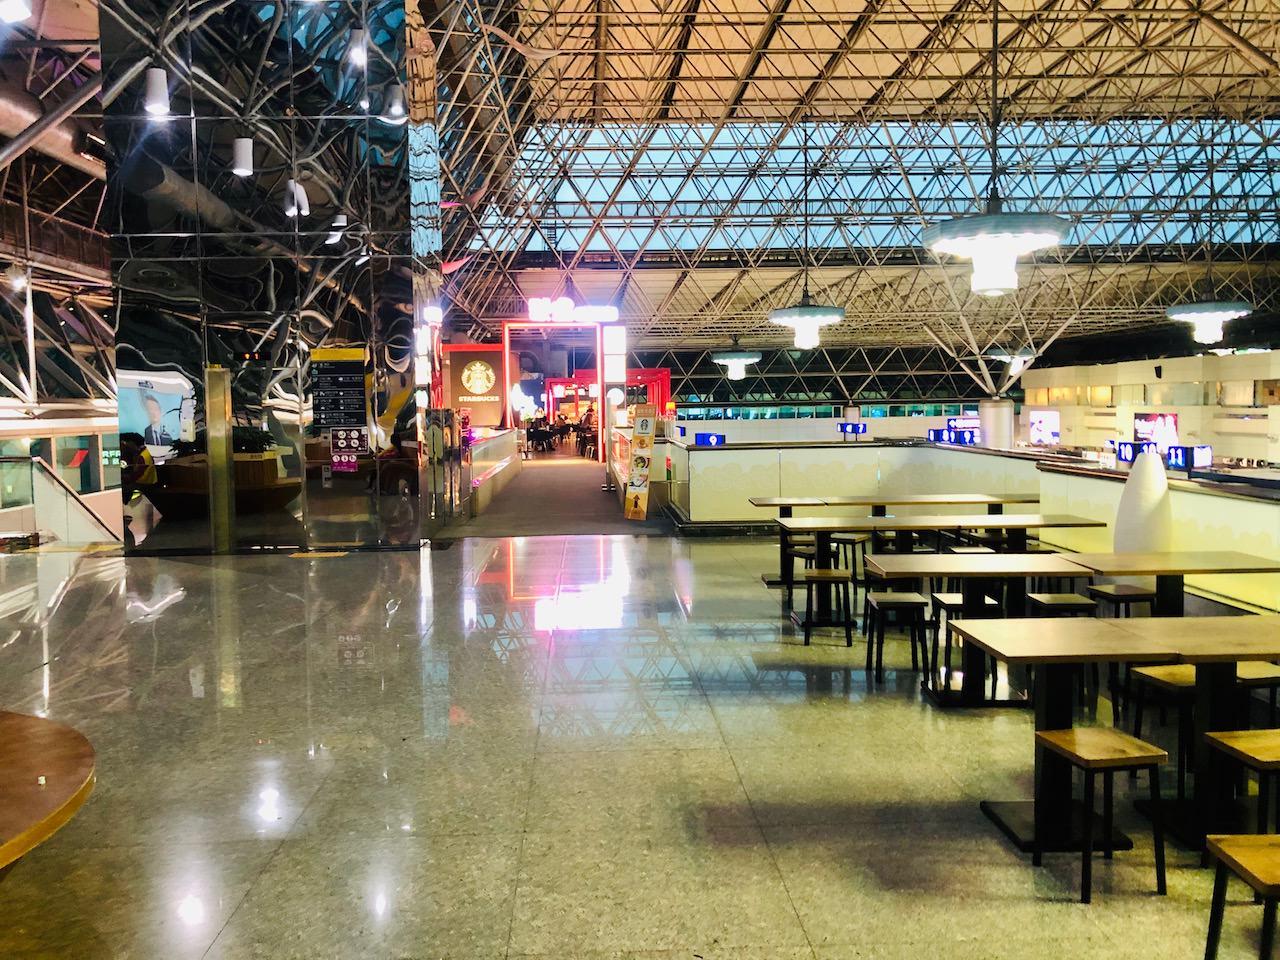 桃園空港第2ターミナル 4階 フードコートコーナー